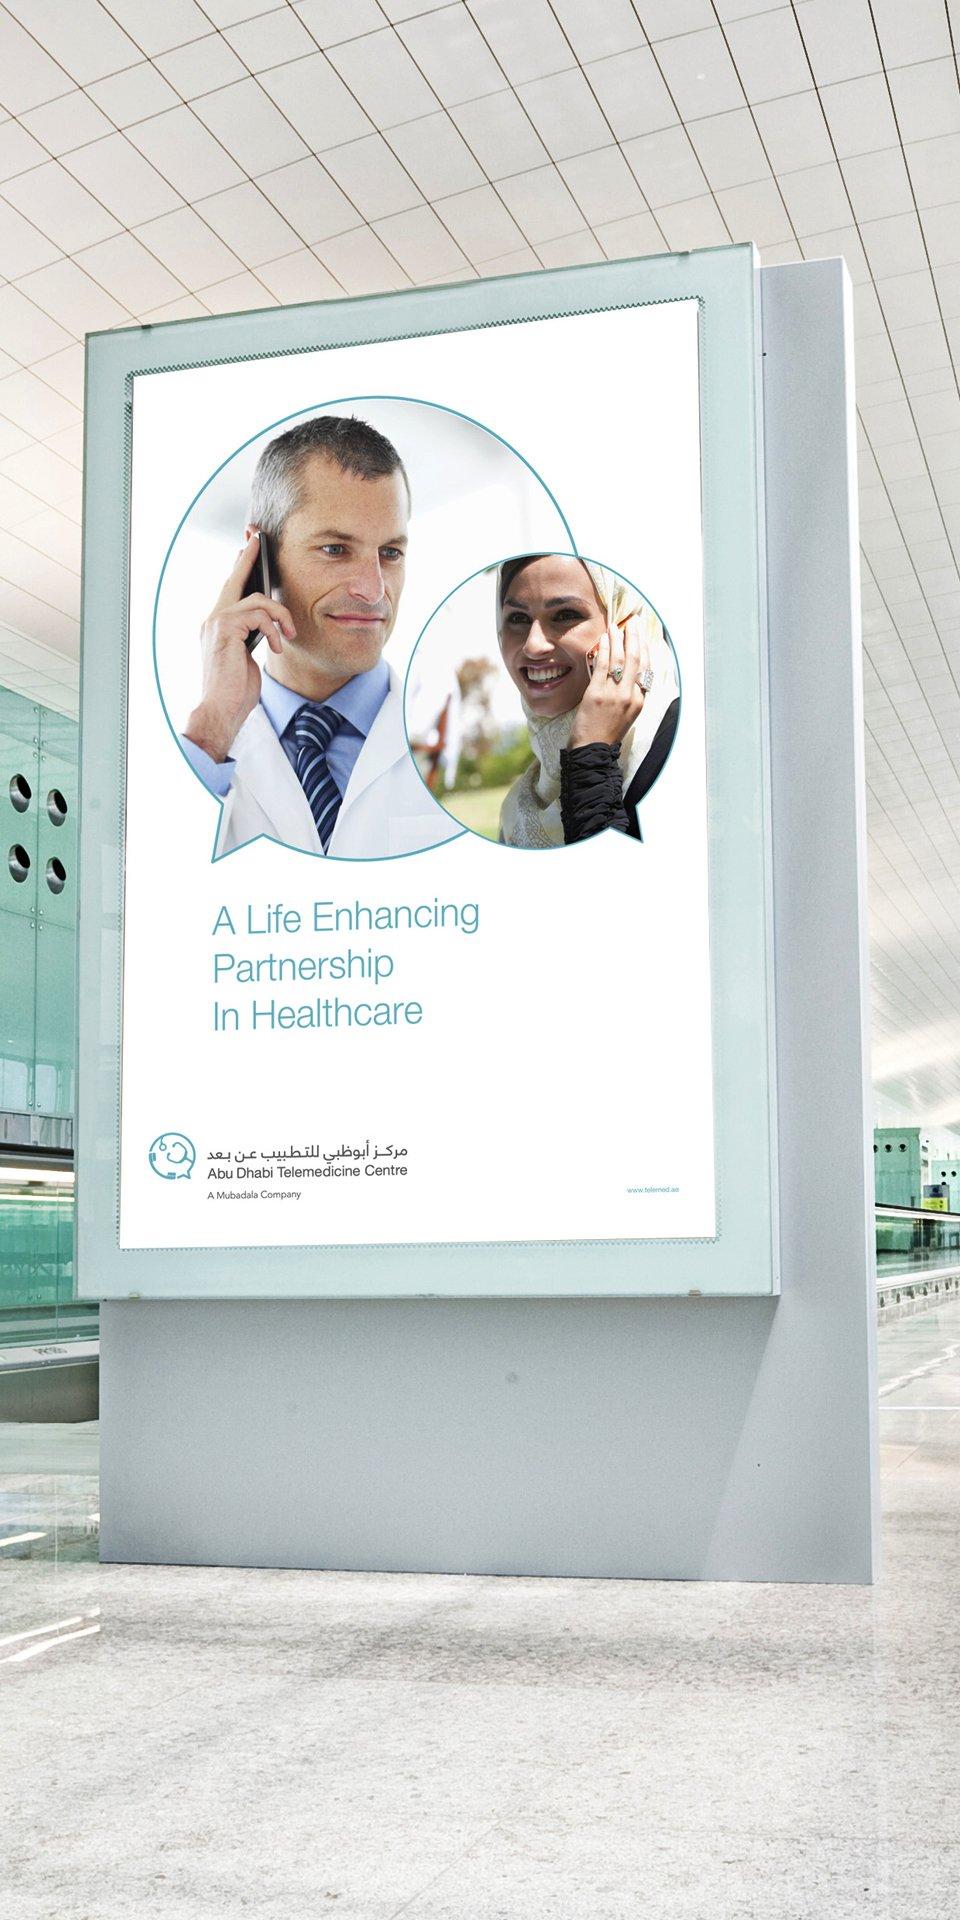 Abu Dhabi Telemedicine Centre